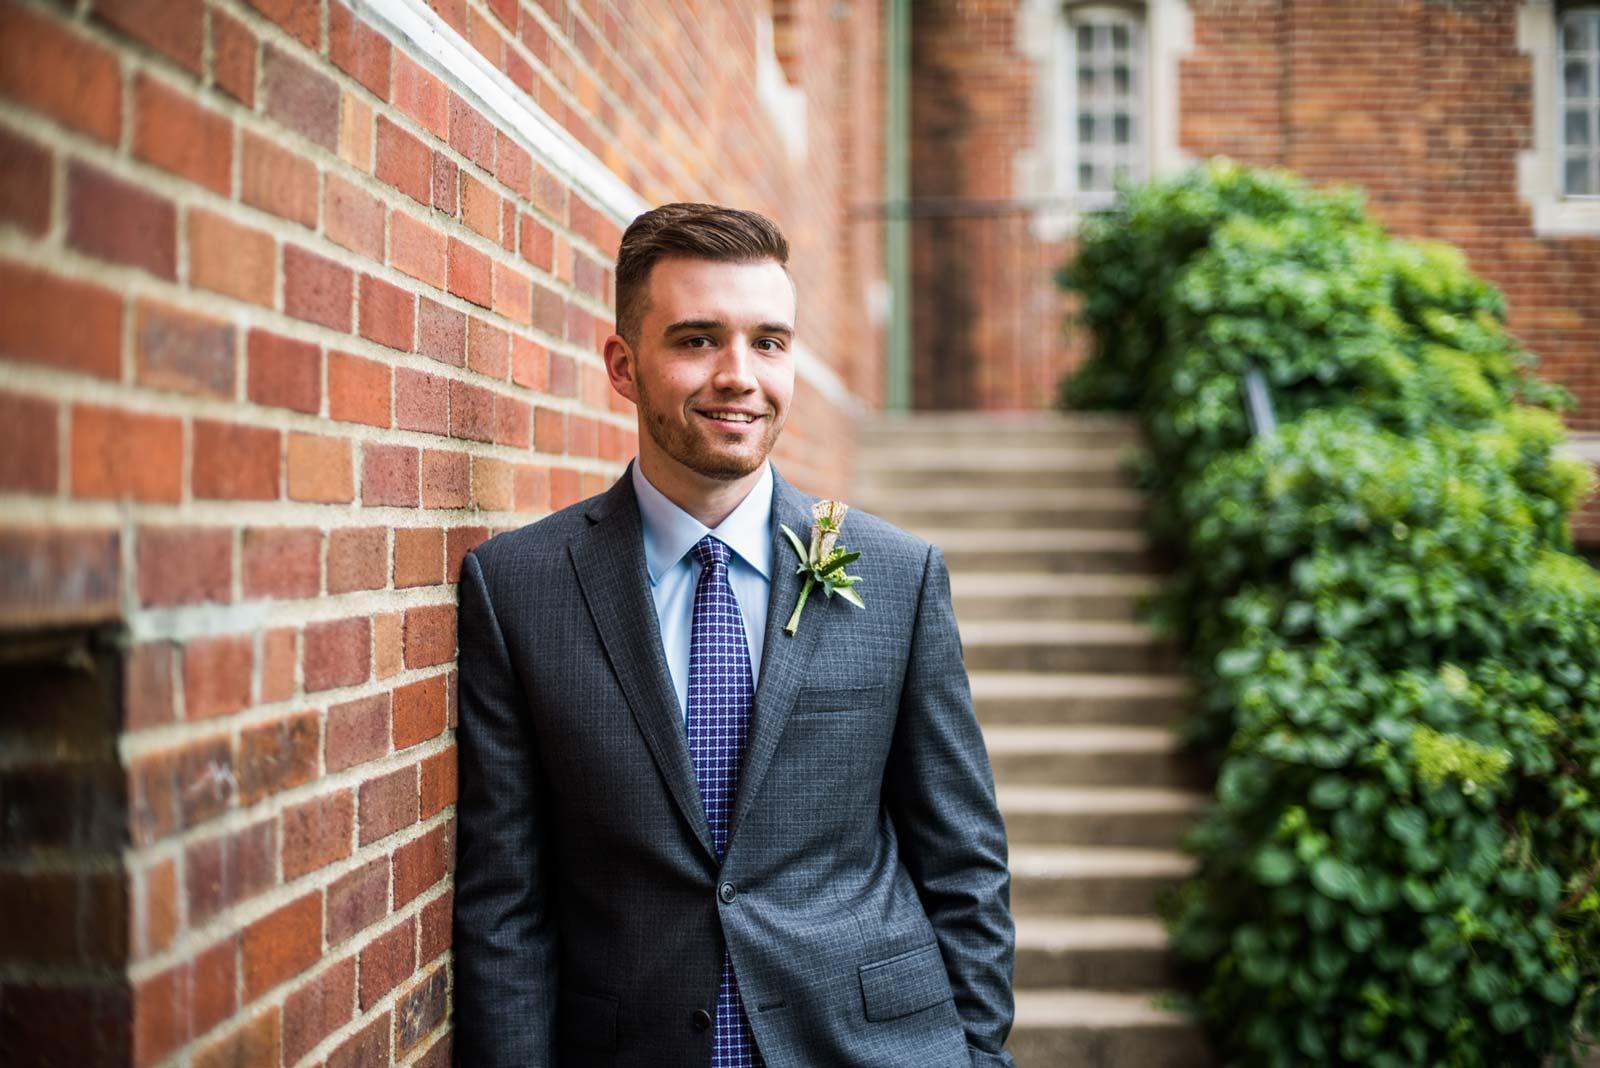 Handsome Gentleman in Suit